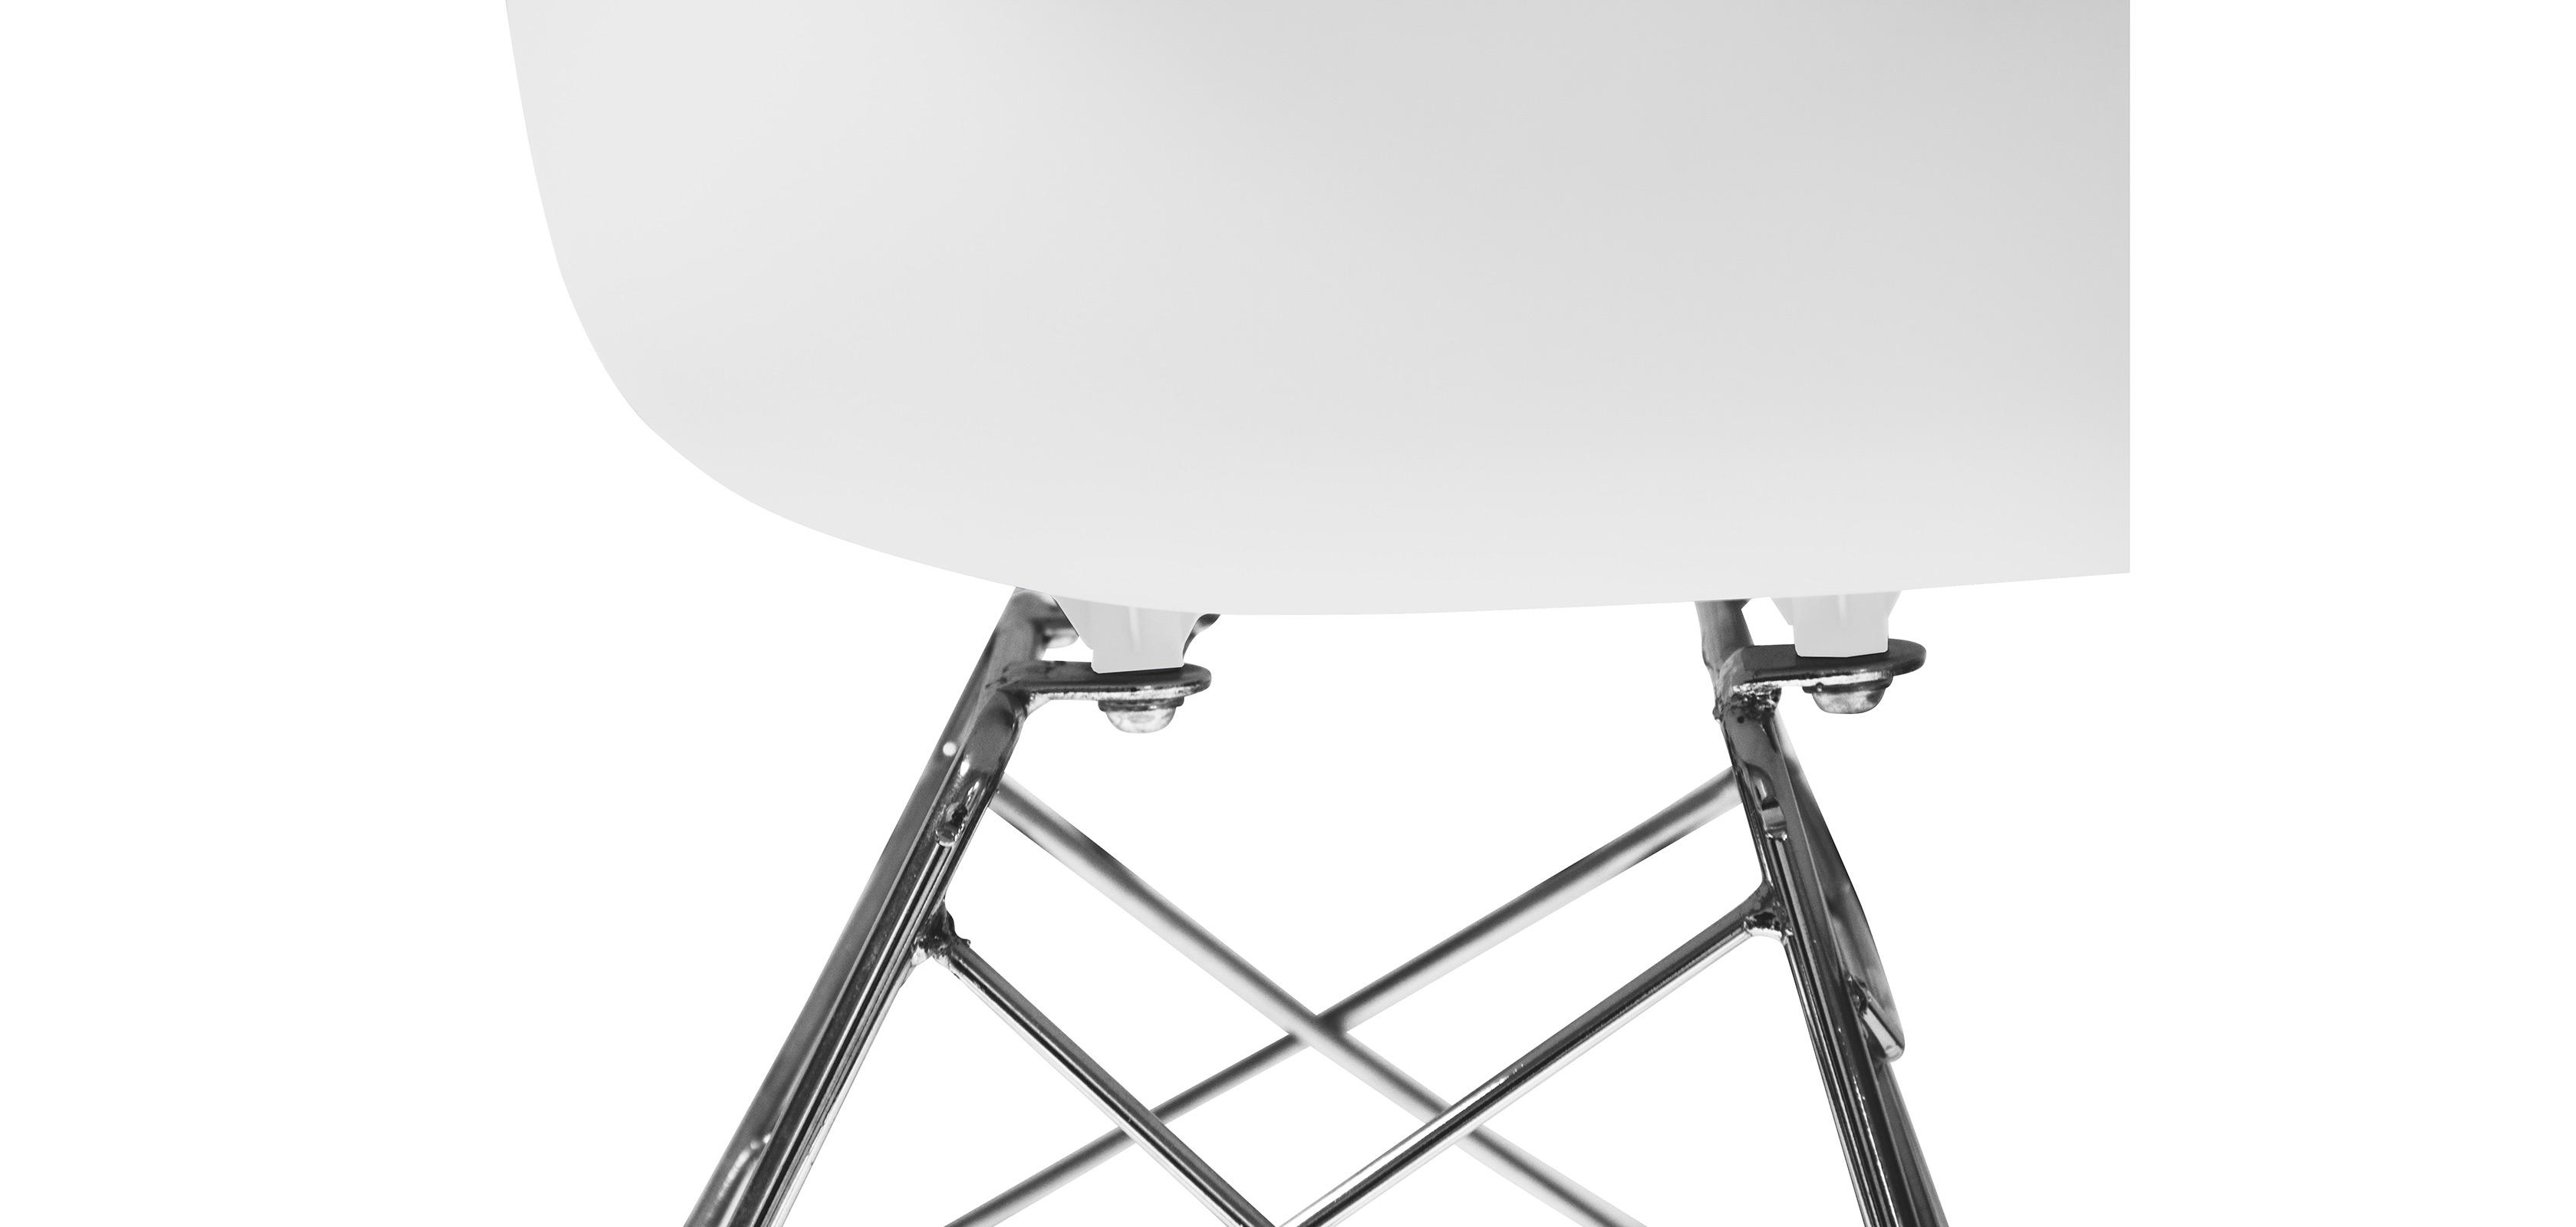 balance chair for kids covers universal children polypropylene matt